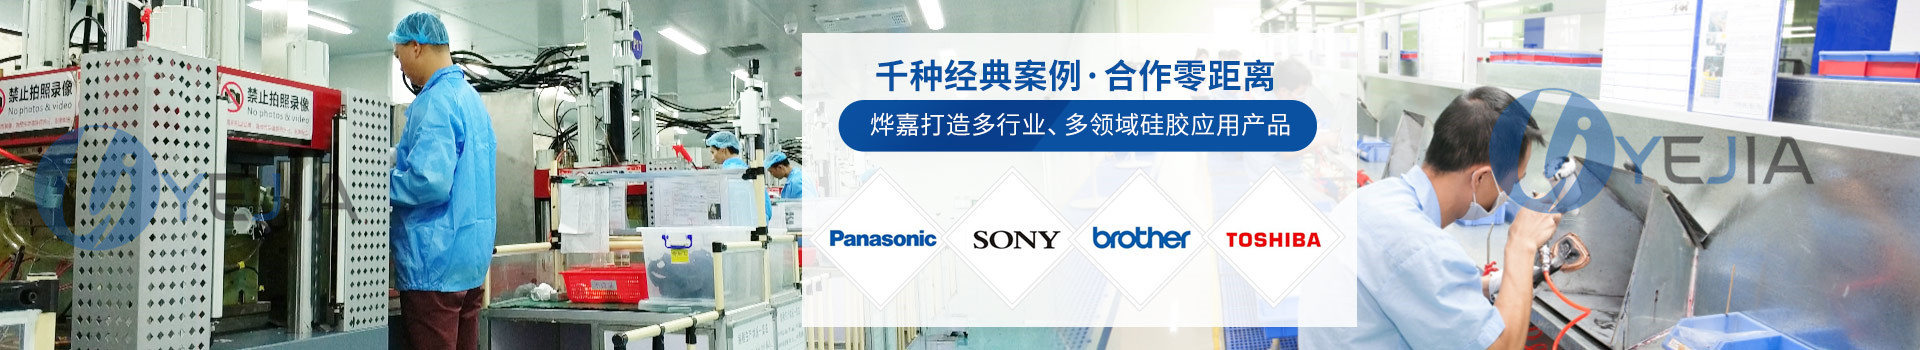 烨嘉光电打造多行业、多领域硅胶应用产品